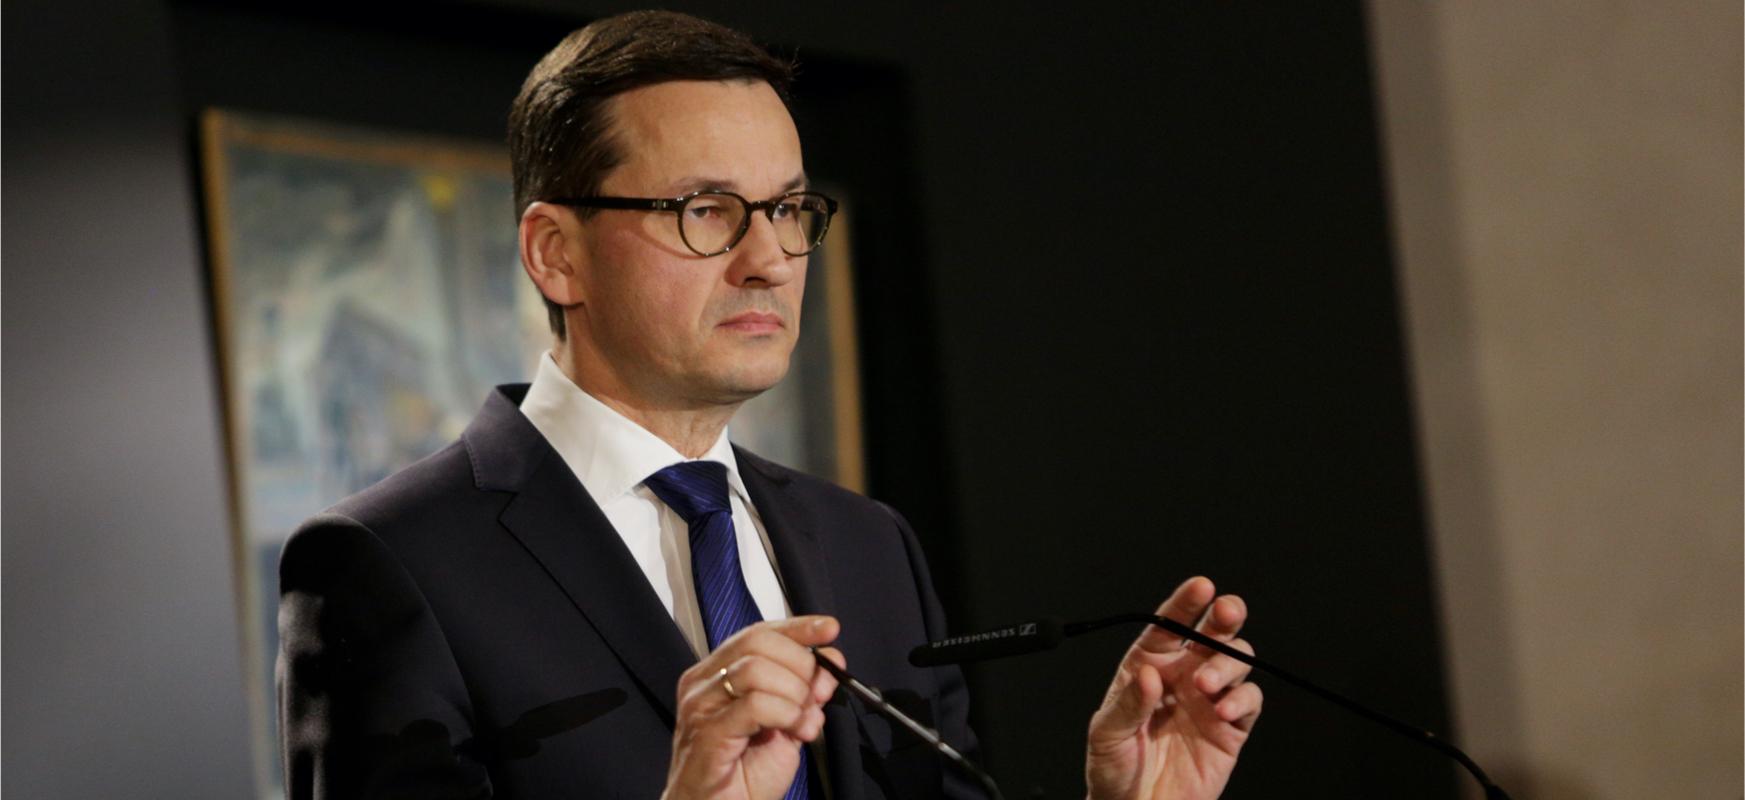 Lehen ministroak Bravo-CRP bigarren alerta maila sartu du Polonia osoan